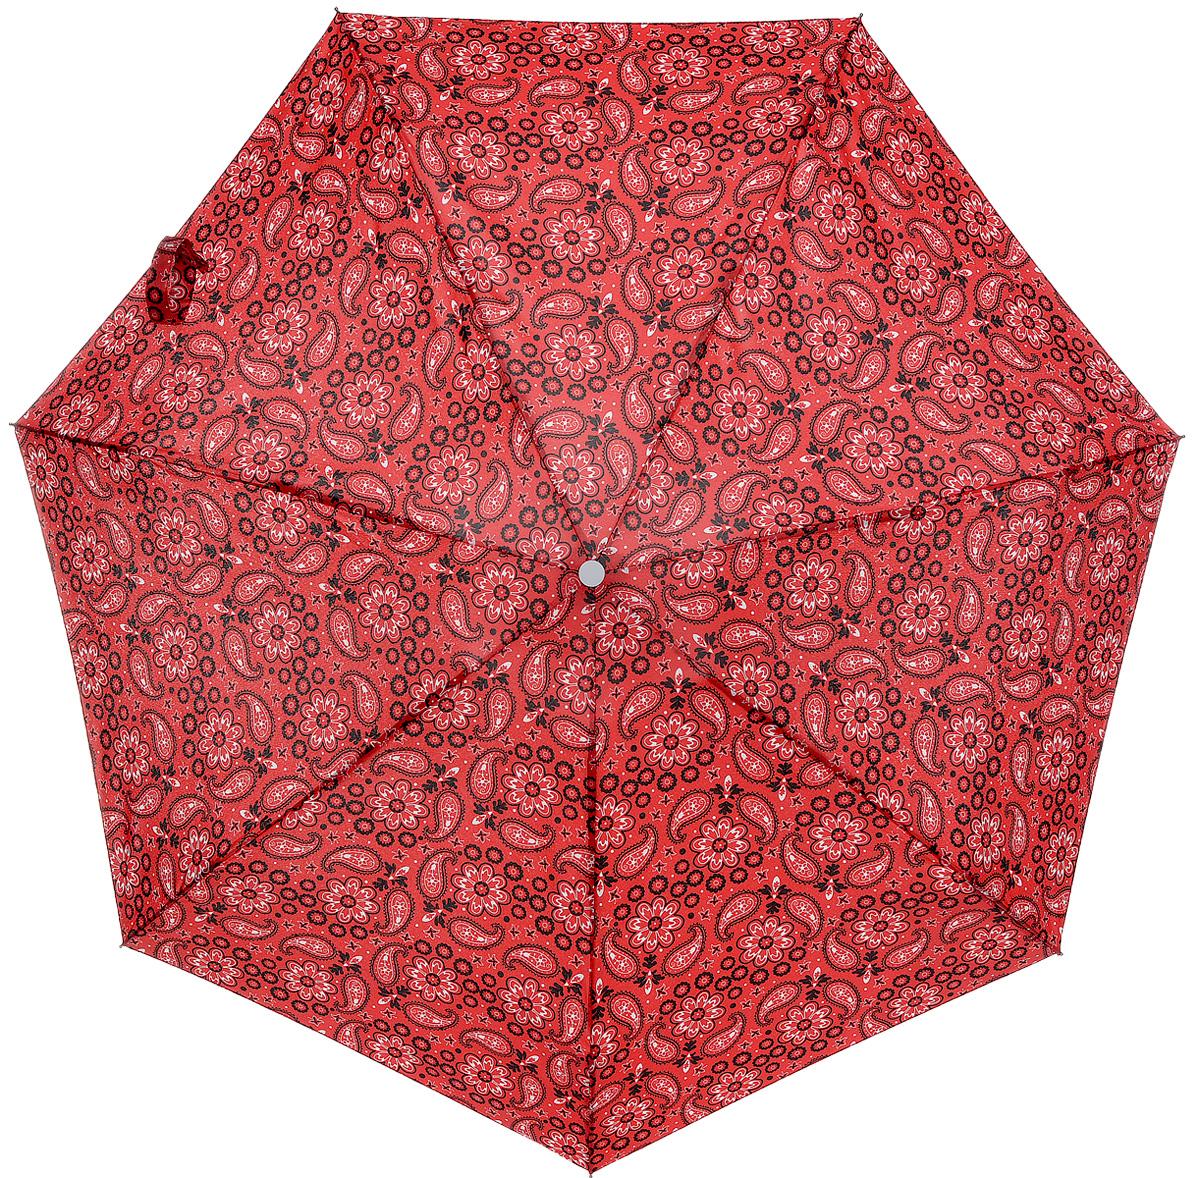 Зонт женский Labbra, механика, 5 сложений, цвет: красный. M5-05-043M5-05-043Яркий зонт Labbra не оставит вас незамеченной. Зонт оформлен орнаментом пейсли. Стержень изделия изготовлен из алюминия. Зонт состоит из семи спиц, изготовленных из фибергласса и алюминия, дополнен ручкой из пластика. Купол выполнен из качественного полиэстера, который не пропускает воду. Зонт имеет механический способ сложения: и купол, и стержень открываются вручную до характерного щелчка. Ручка дополнена петлей, благодаря которой зонт можно носить на запястье. К зонту прилагается чехол. Практичный аксессуар даже в ненастную погоду позволит вам оставаться стильной и элегантной.